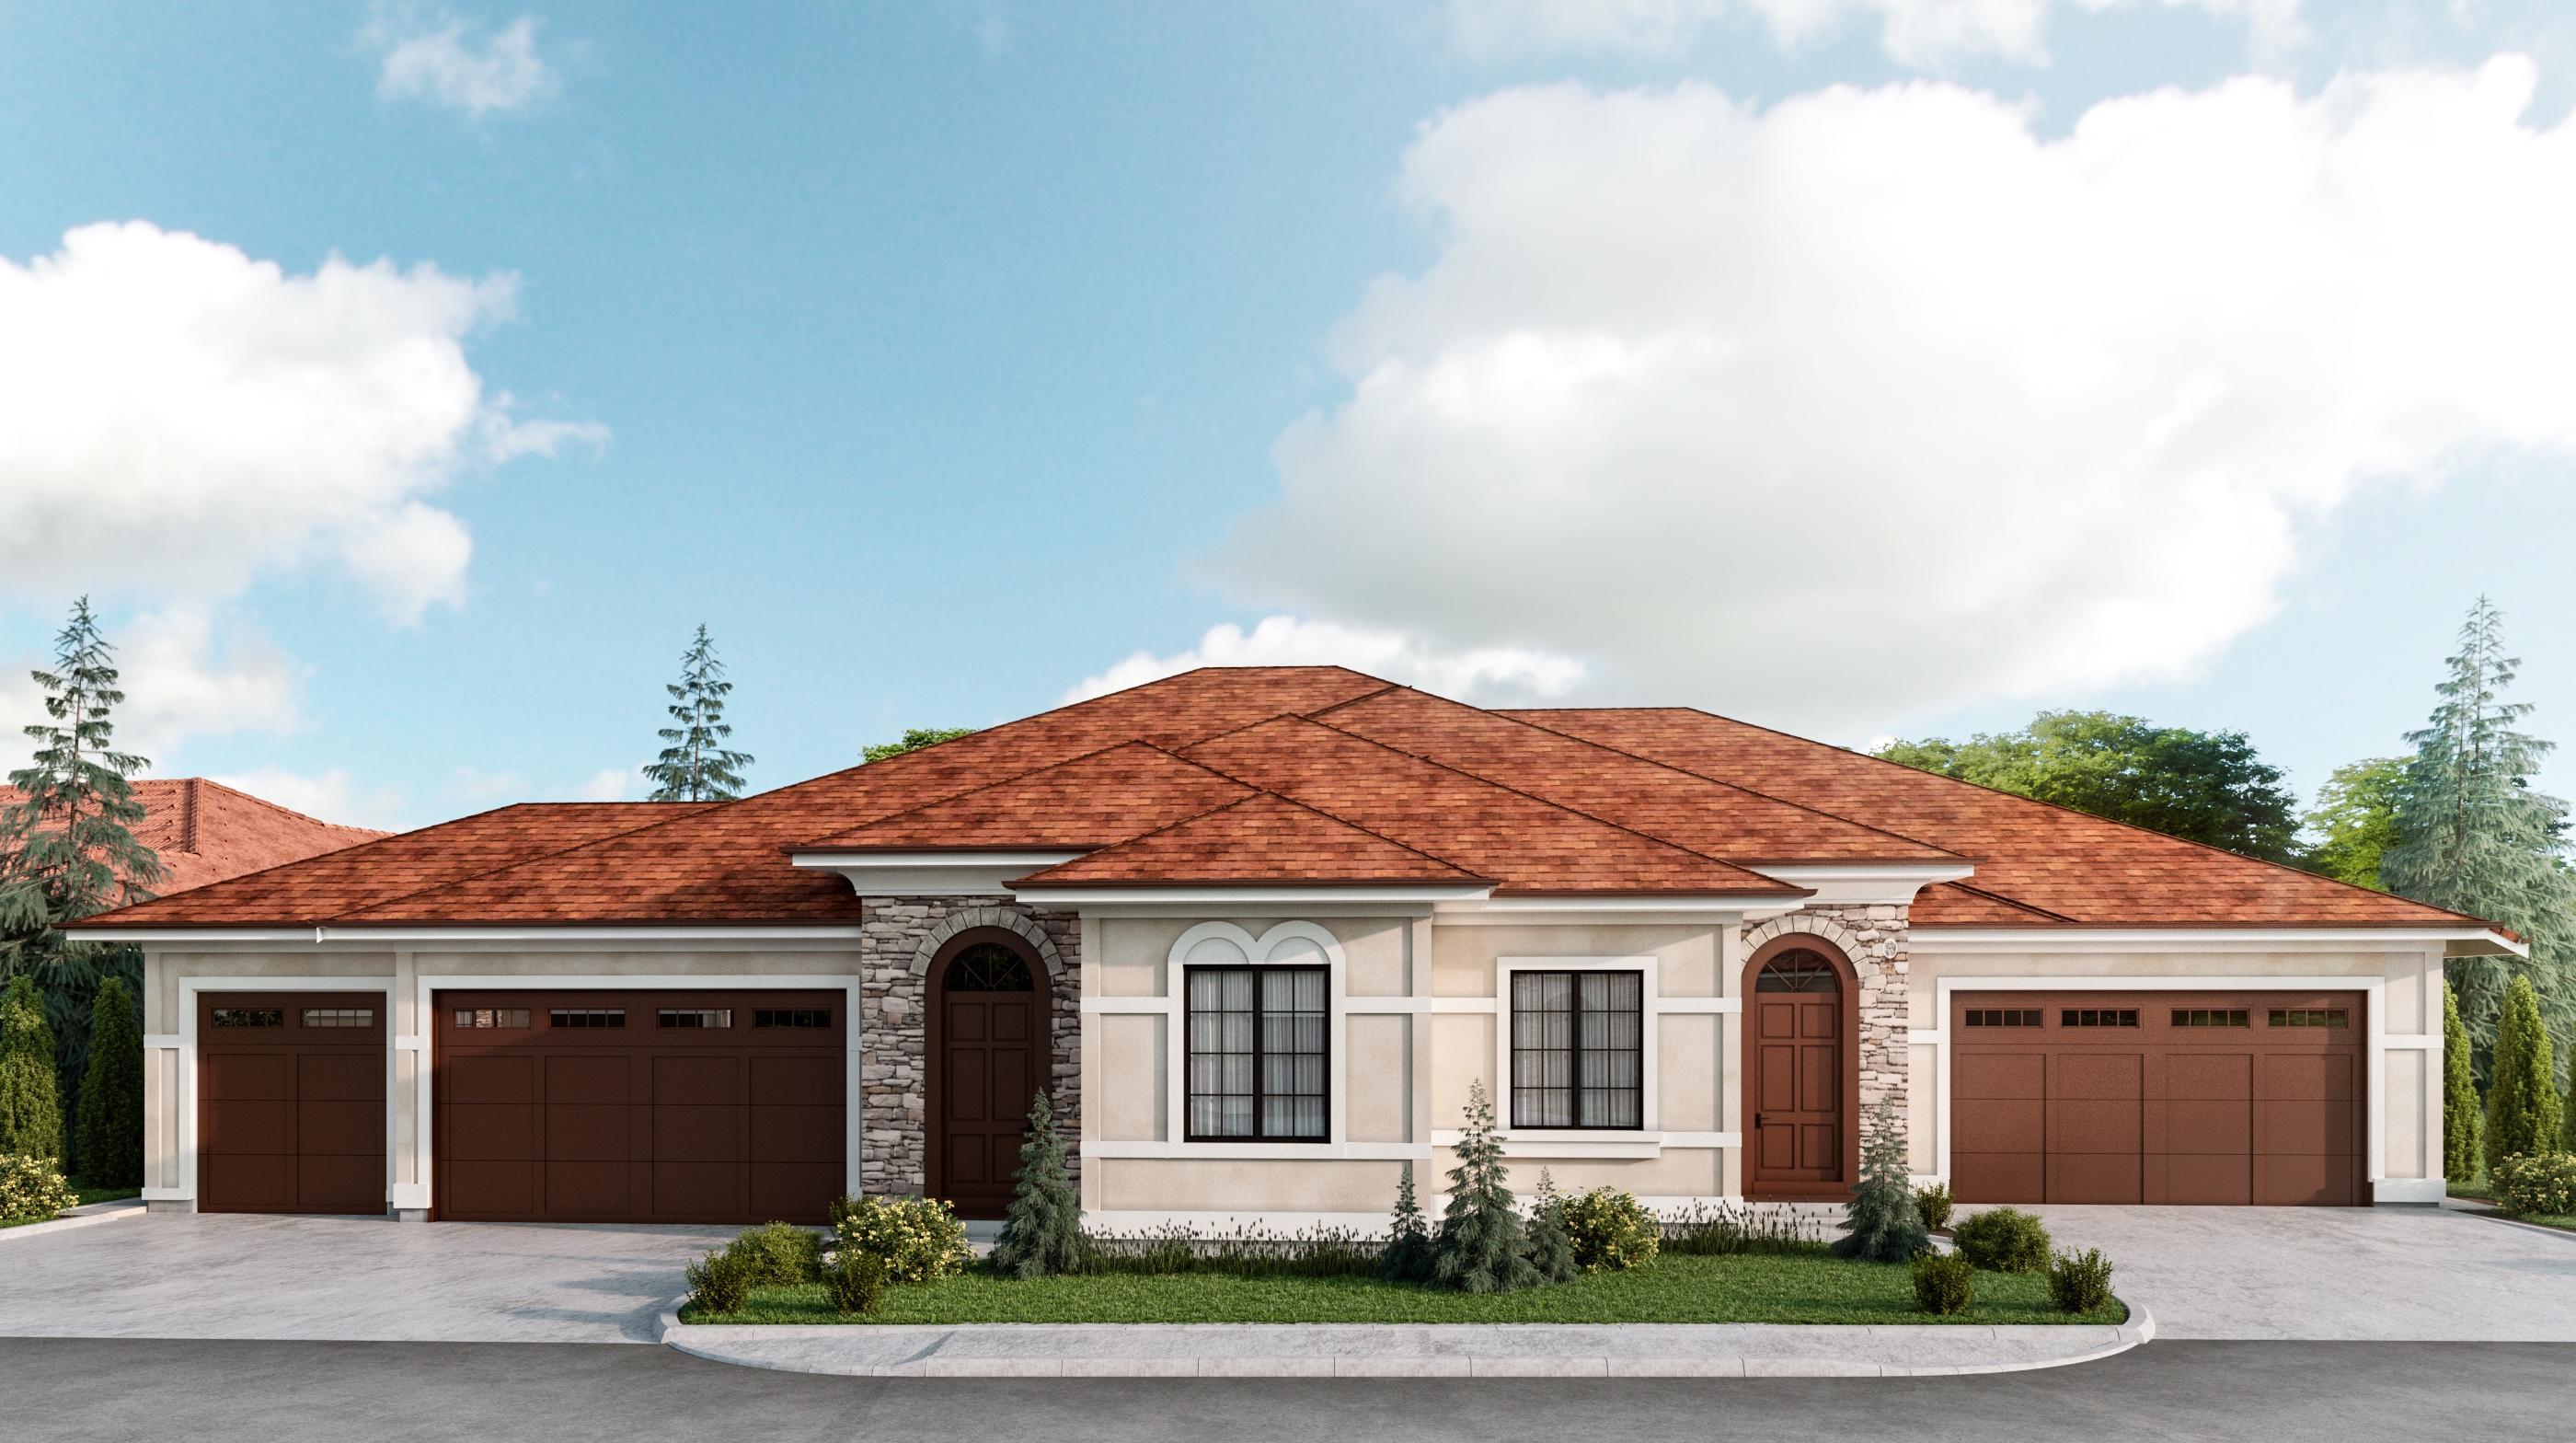 1634 Toscano Ter, Oconomowoc, Wisconsin 53066, 2 Bedrooms Bedrooms, ,2 BathroomsBathrooms,Condominiums,For Sale,Toscano Ter,1,1686761